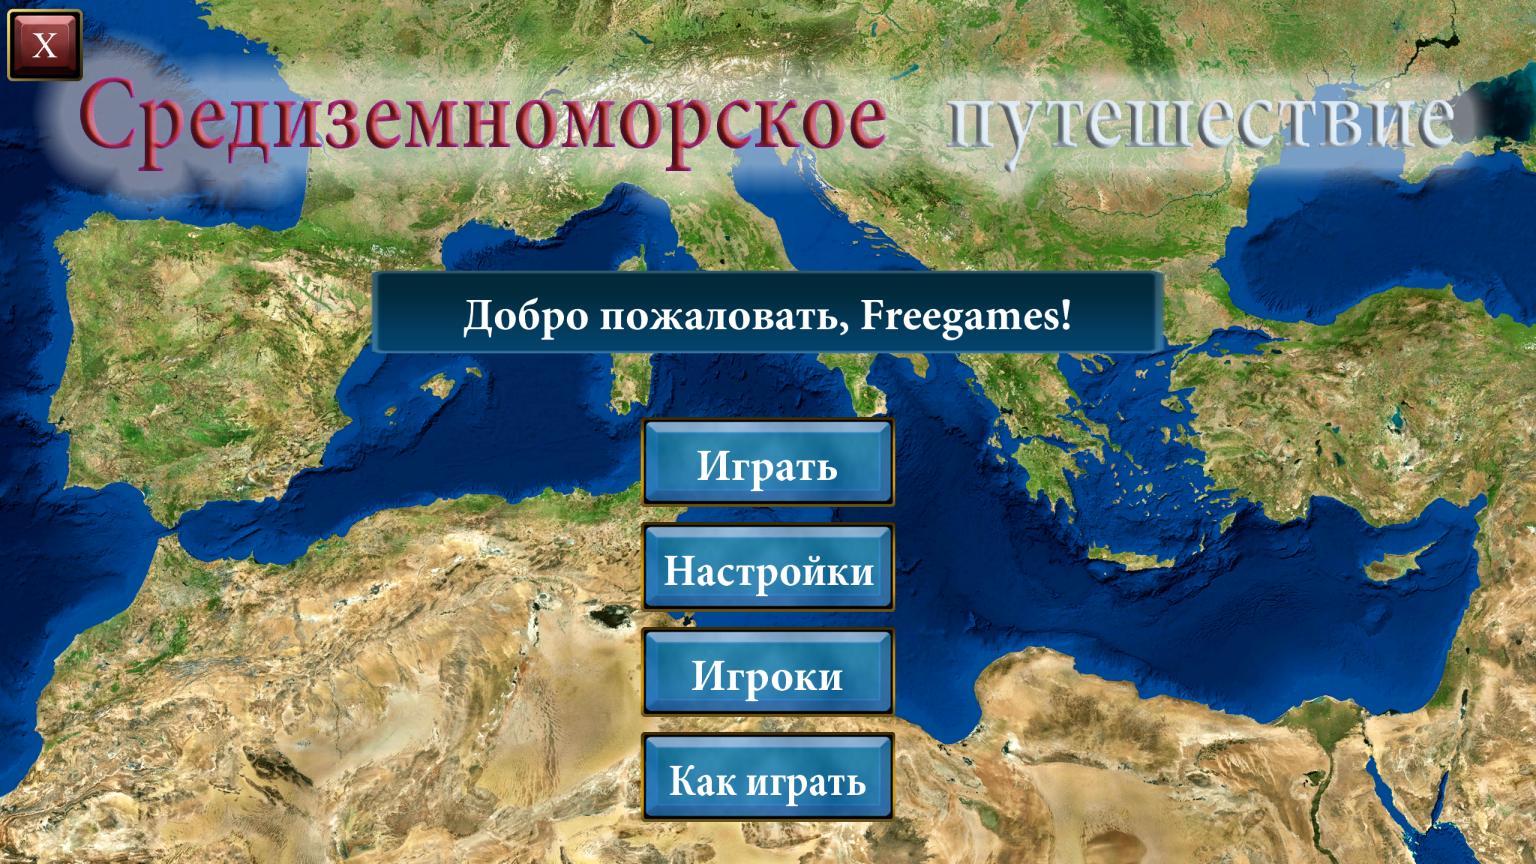 Средиземноморское путешествие | Mediterranean Journey (Rus)